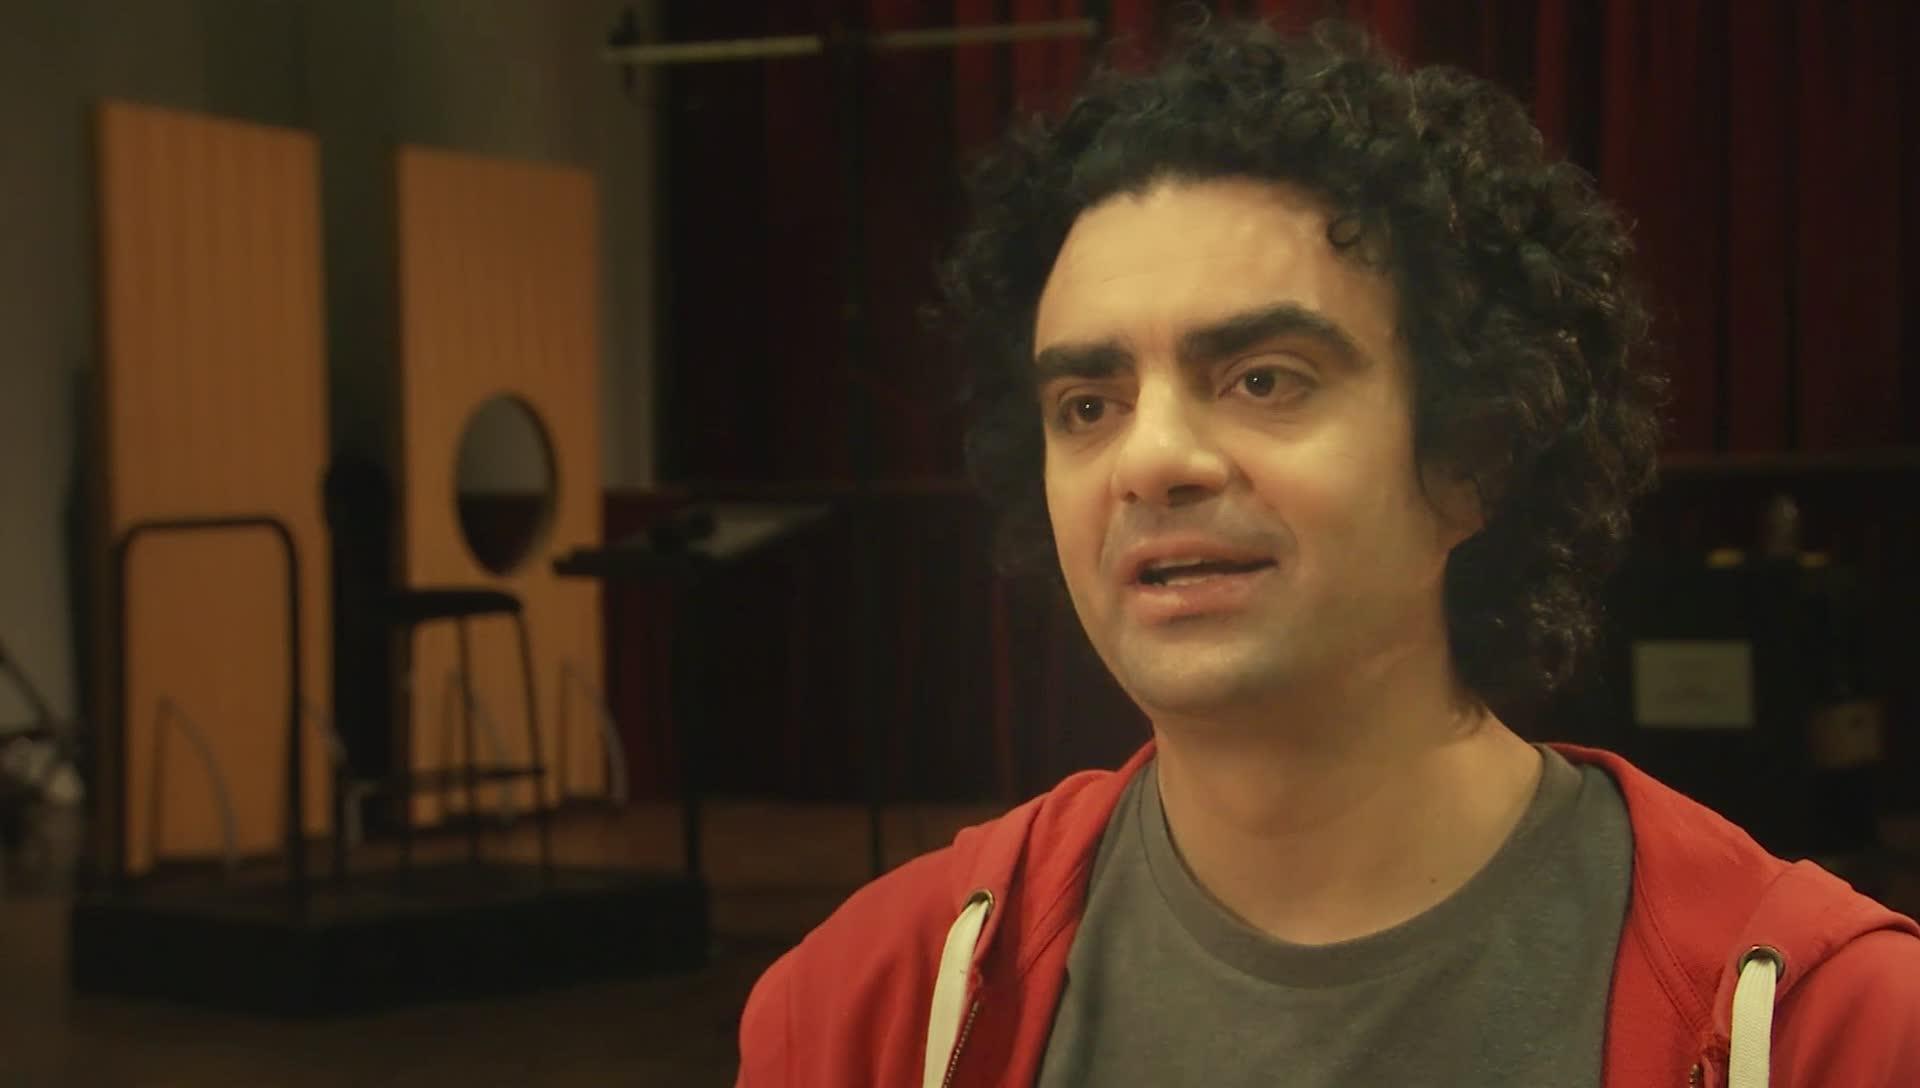 Rolando Villazón, Così fan tutte - Webisode 4